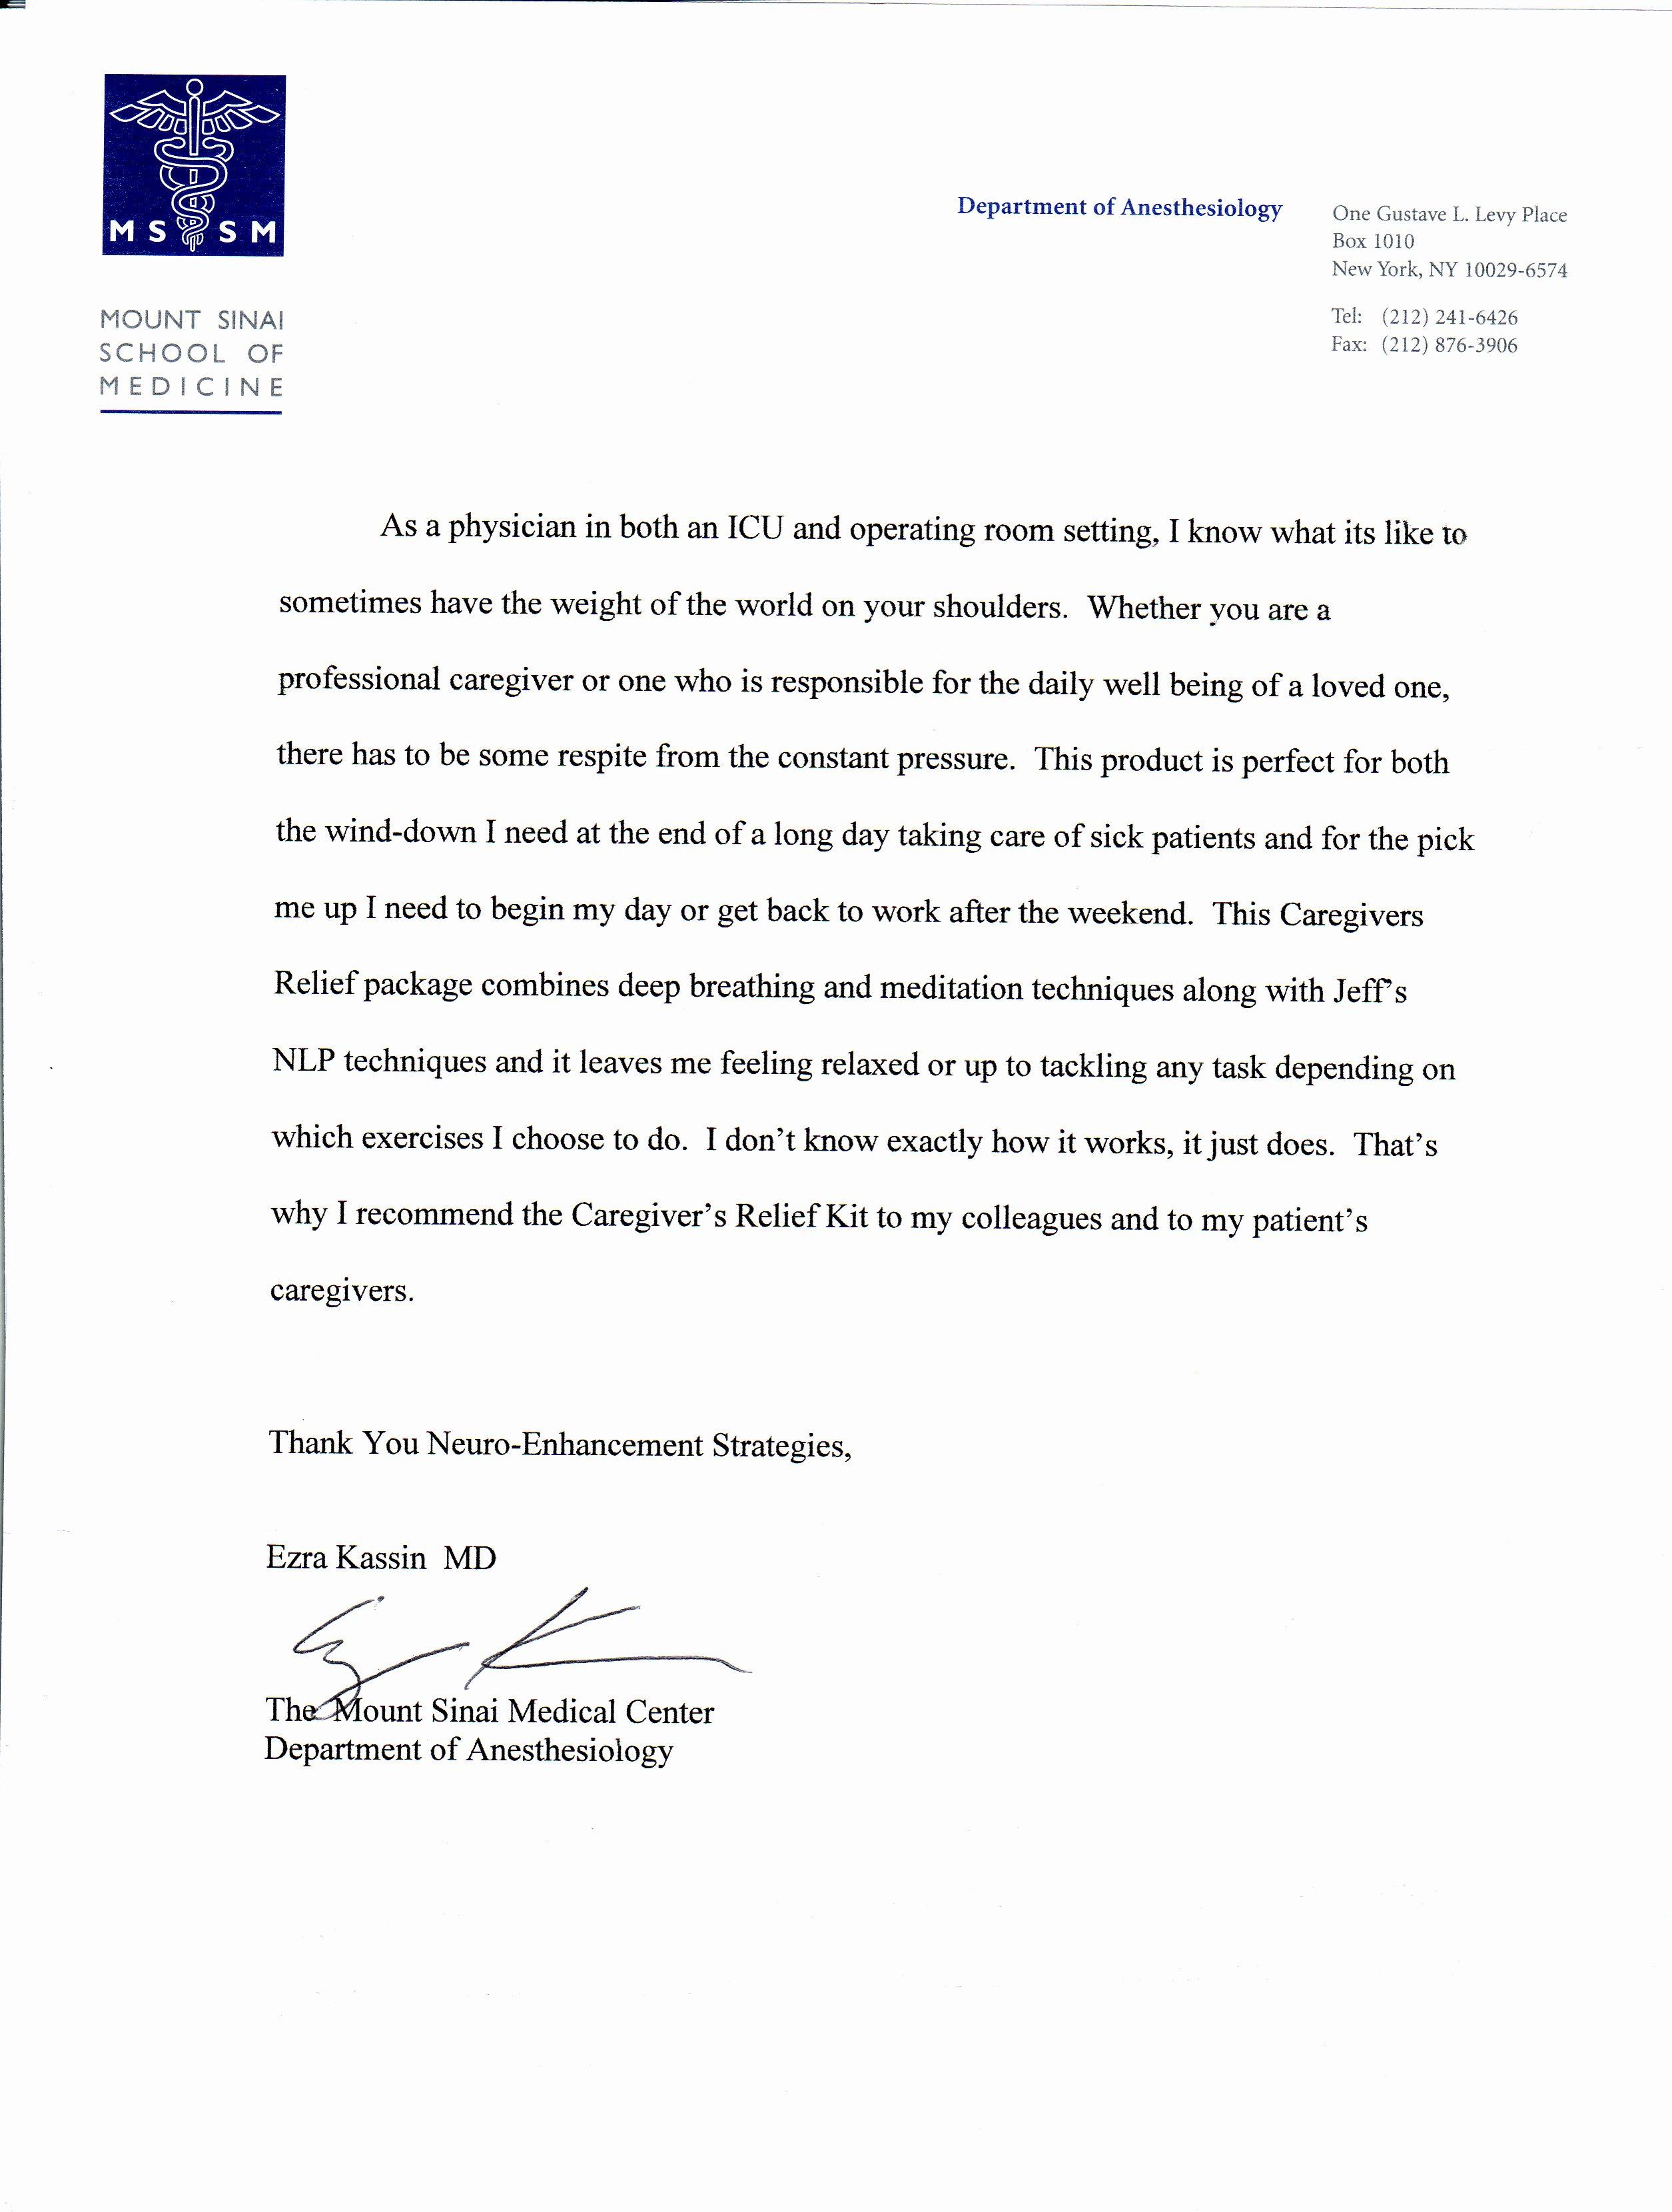 Recommendation Letter for Medical assistant Luxury Resume Cover Letter Medical assistant New Cover Letter